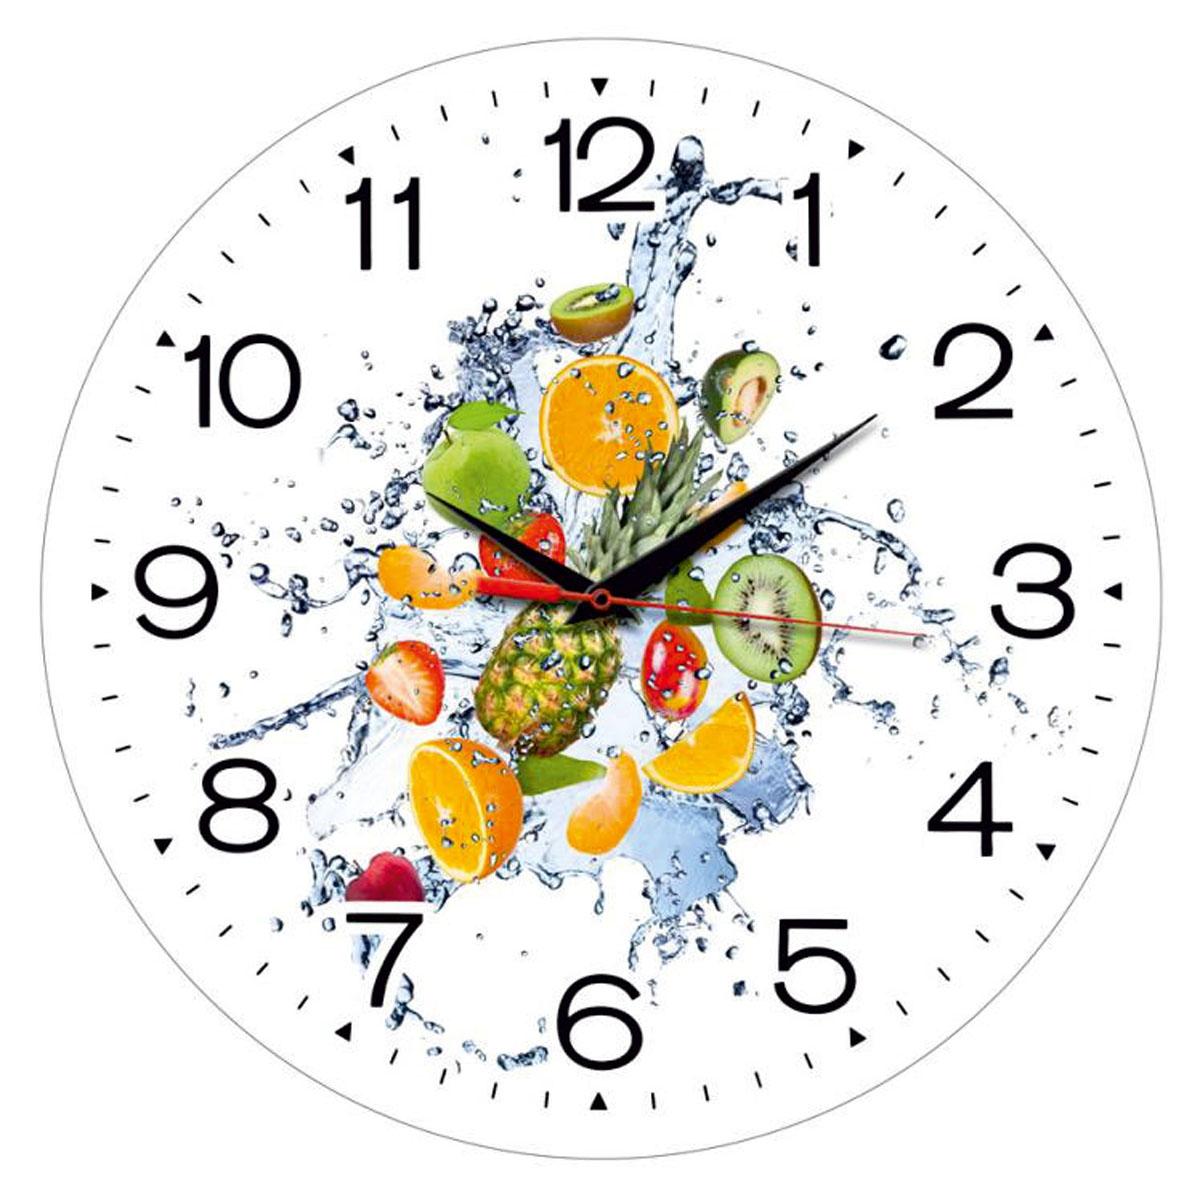 Часы настенные Miolla Фрукты, цвет: белый, черныйСК011 2433Оригинальные настенные часы круглой формы выполнены из закаленного стекла. Часы имеют три стрелки - часовую, минутную и секундную и циферблат с цифрами. Необычное дизайнерское решение и качество исполнения придутся по вкусу каждому. Оформите свой дом таким интерьерным аксессуаром или преподнесите его в качестве презента друзьям, и они оценят ваш оригинальный вкус и неординарность подарка. Диаметр: 28 см.